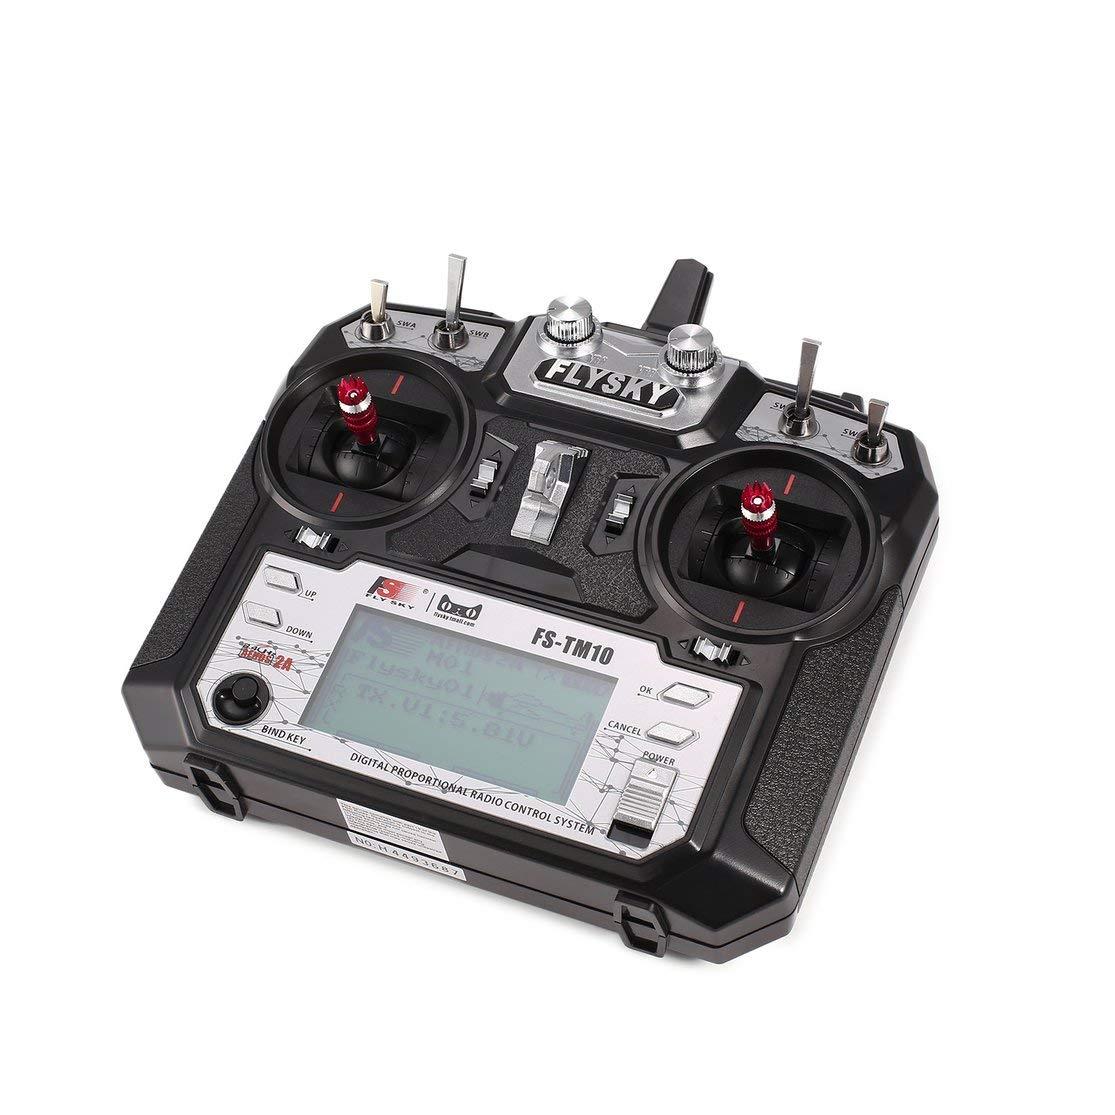 Color: Negro Flysky FS-TM10 FS-i6X 10CH 2.4GHz AFHDS Transmisor RC Modelo de Radio Sistema de Control Remoto con Receptor FS-IA10B Kaemma